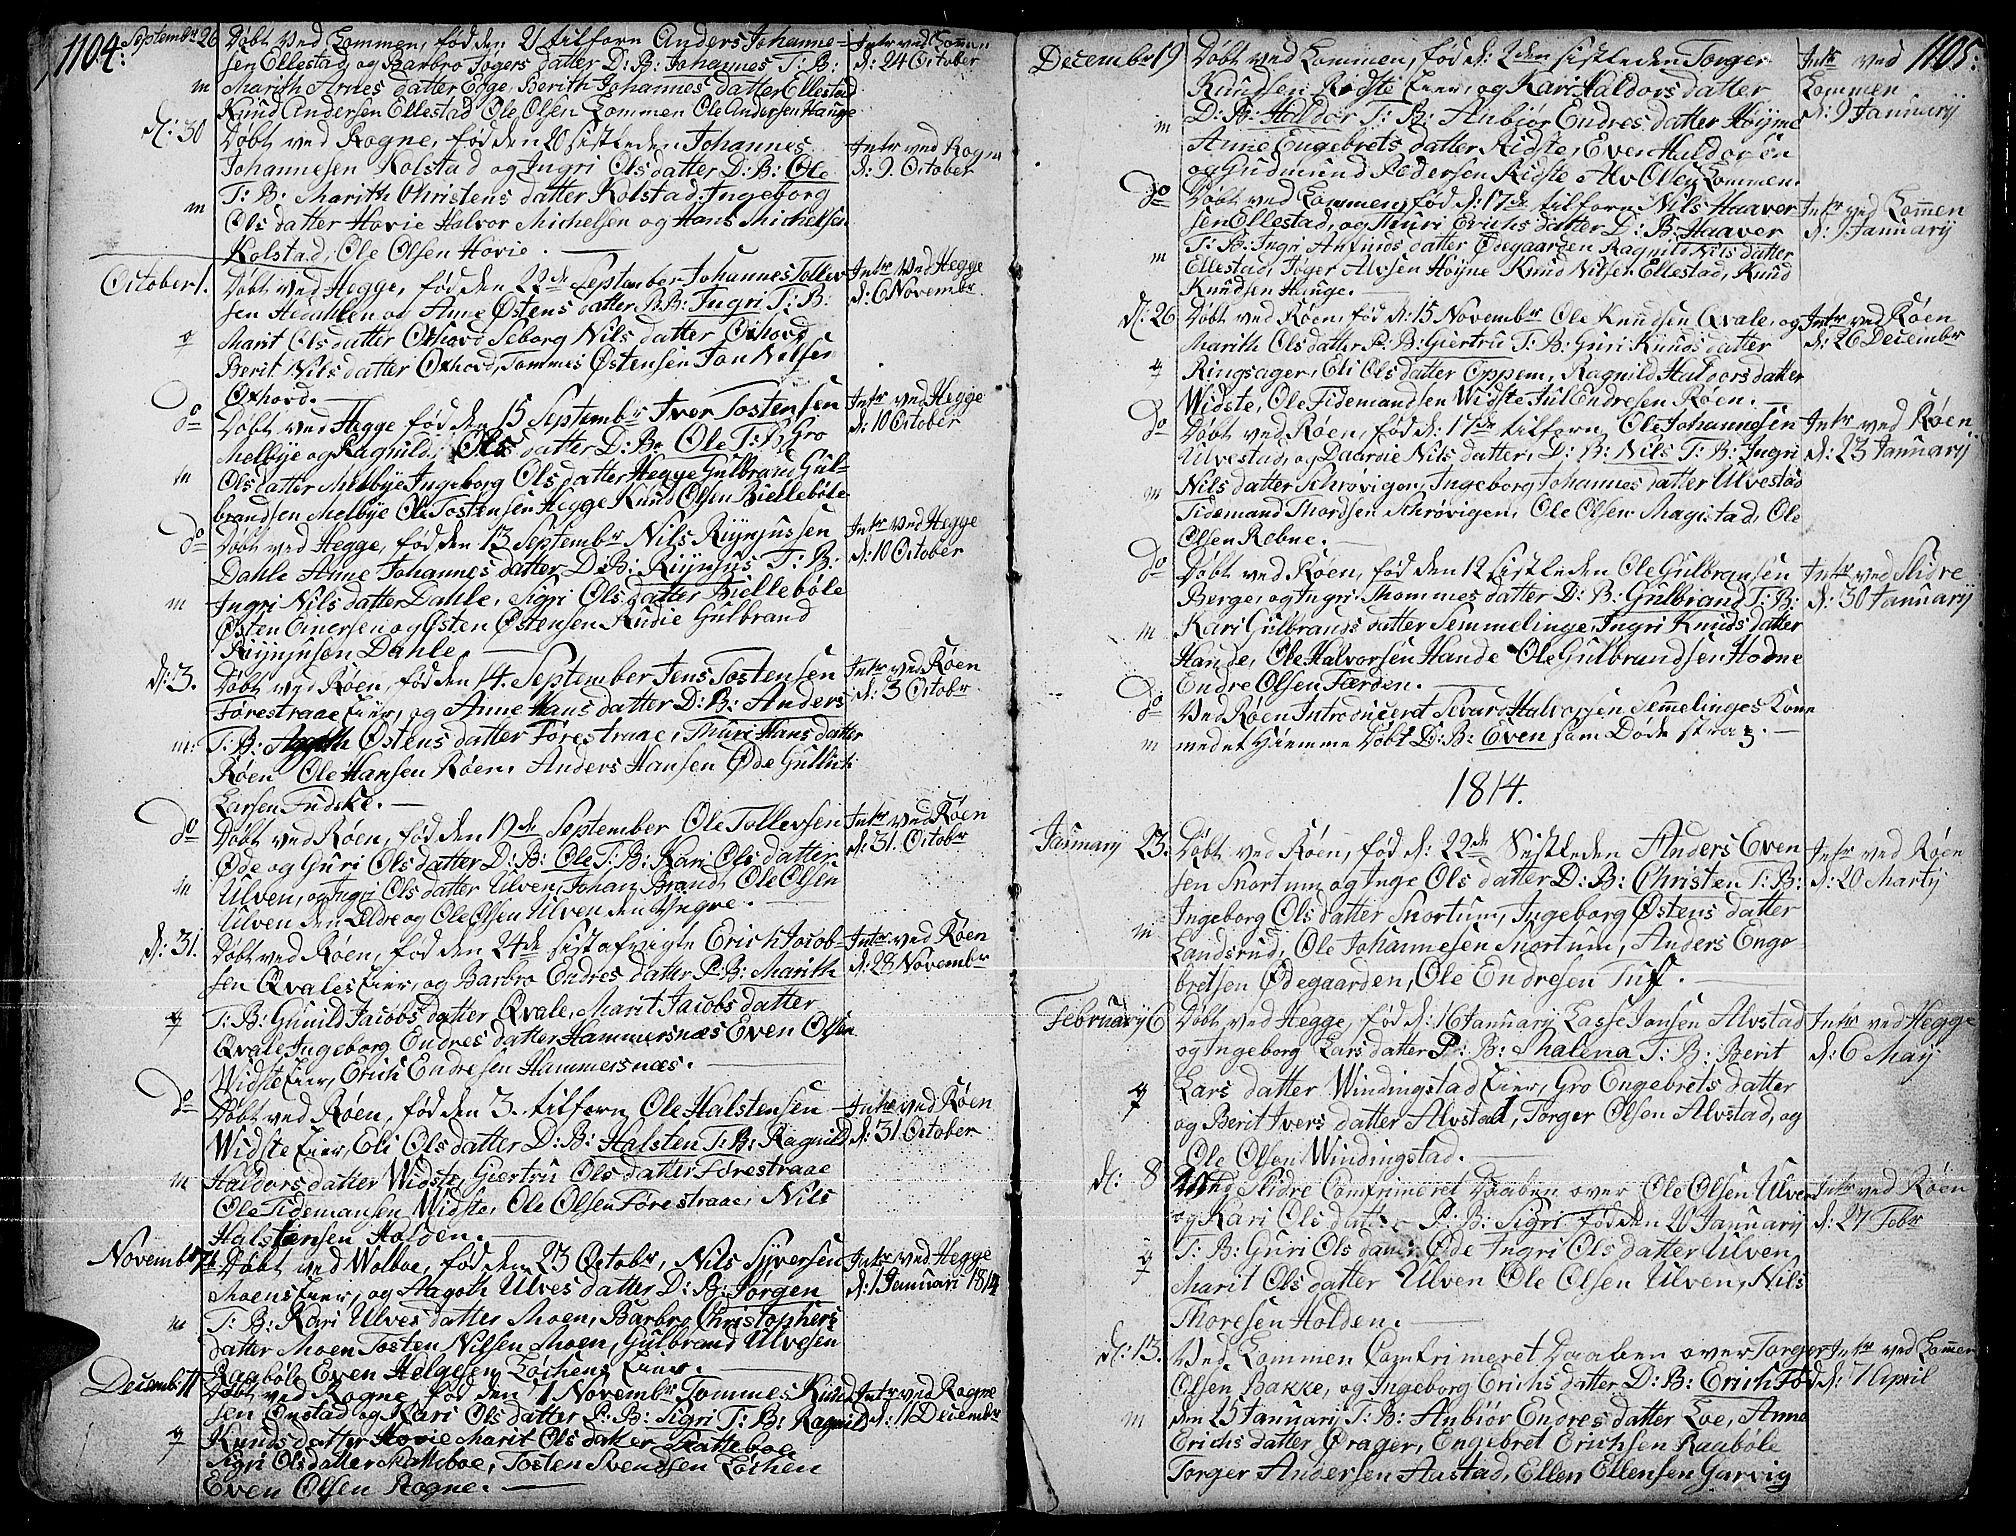 SAH, Slidre prestekontor, Ministerialbok nr. 1, 1724-1814, s. 1104-1105